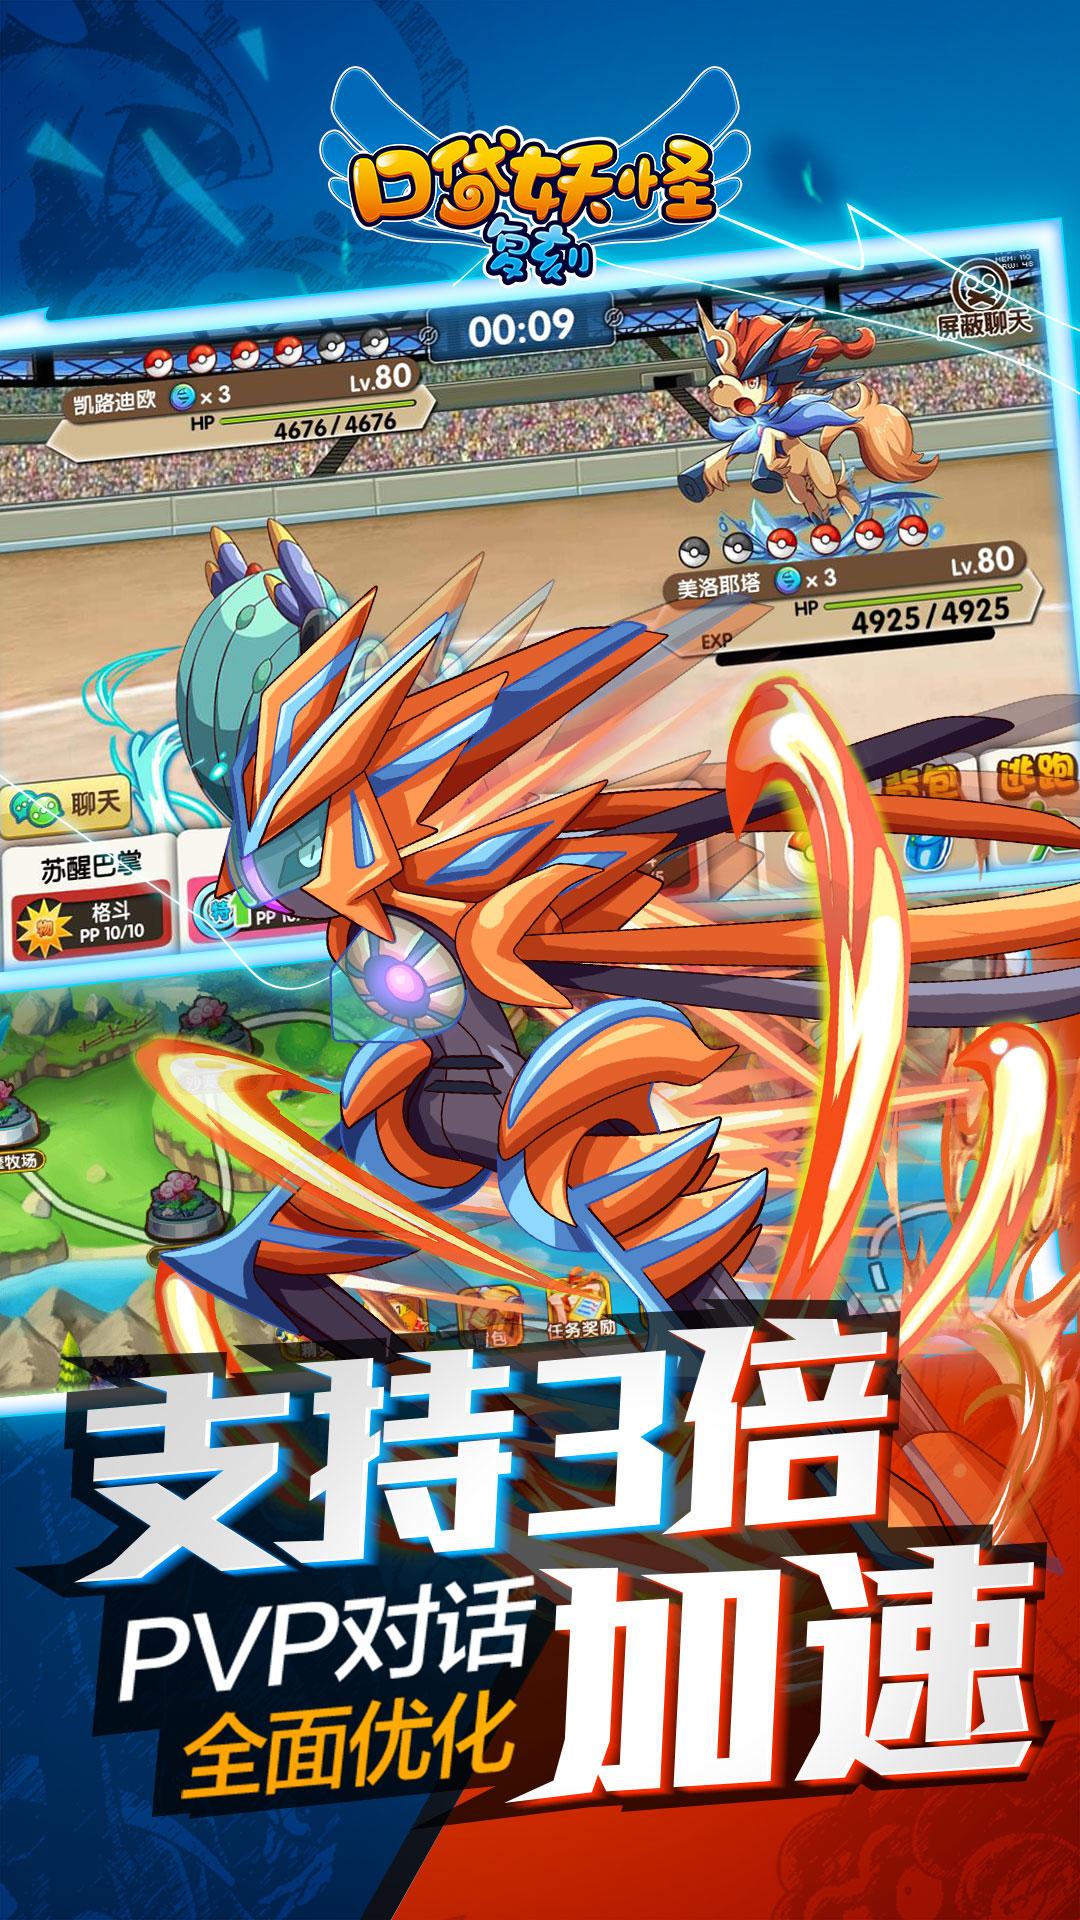 口袋妖怪复刻-策略塔防-安卓android手机游戏下载